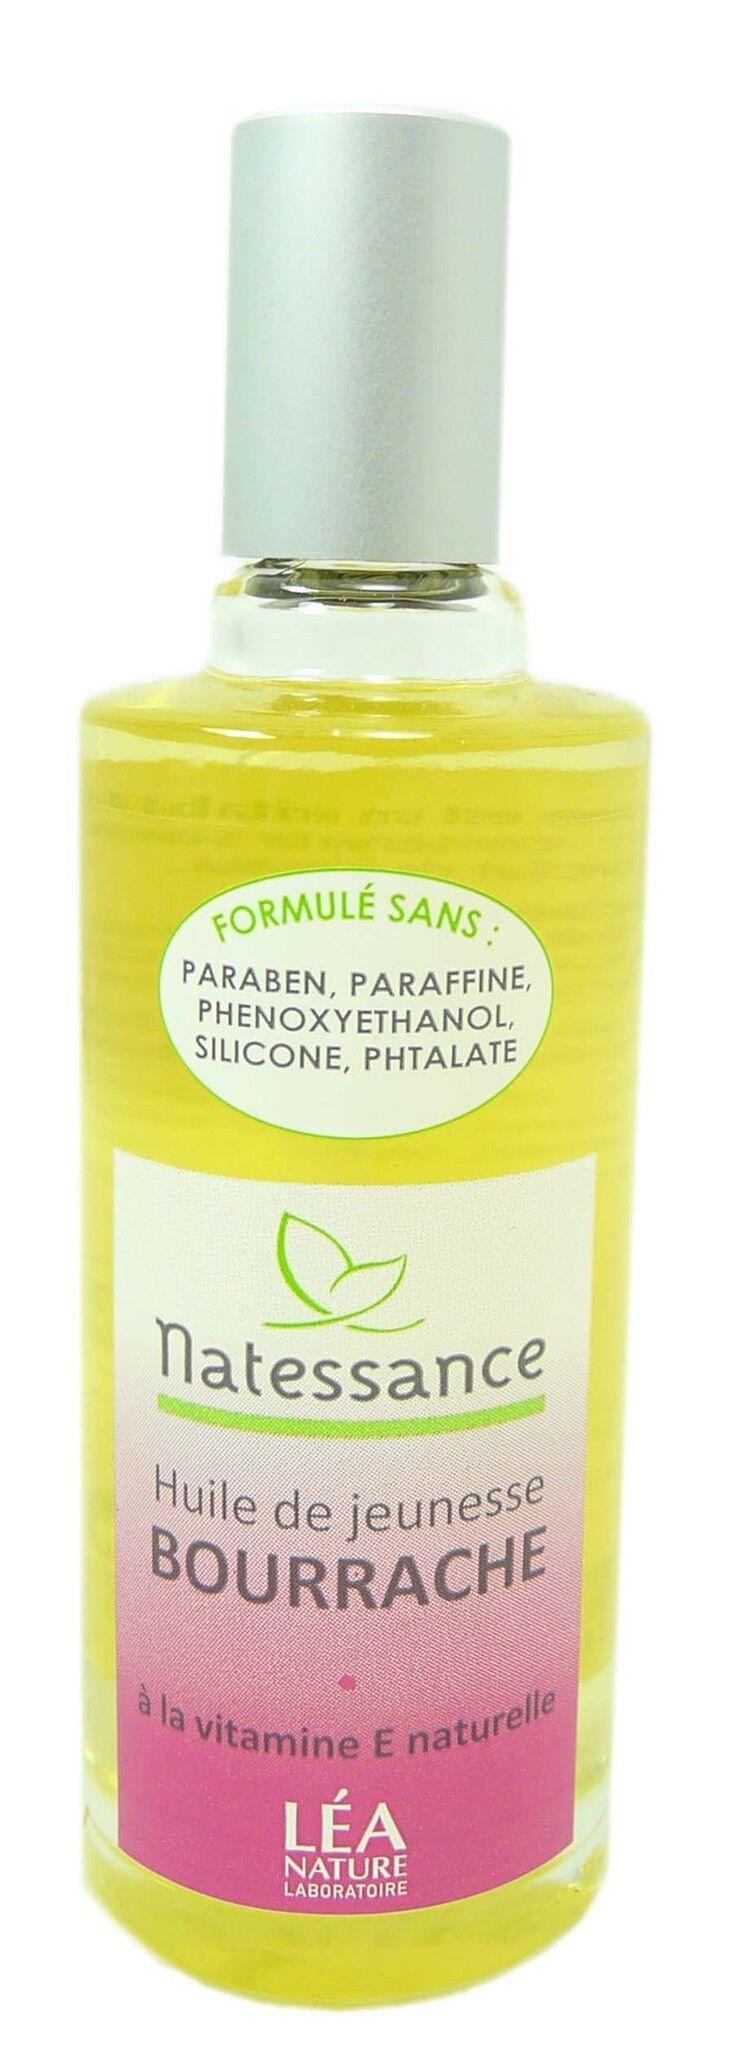 Natessance huile de bourrache 50ml